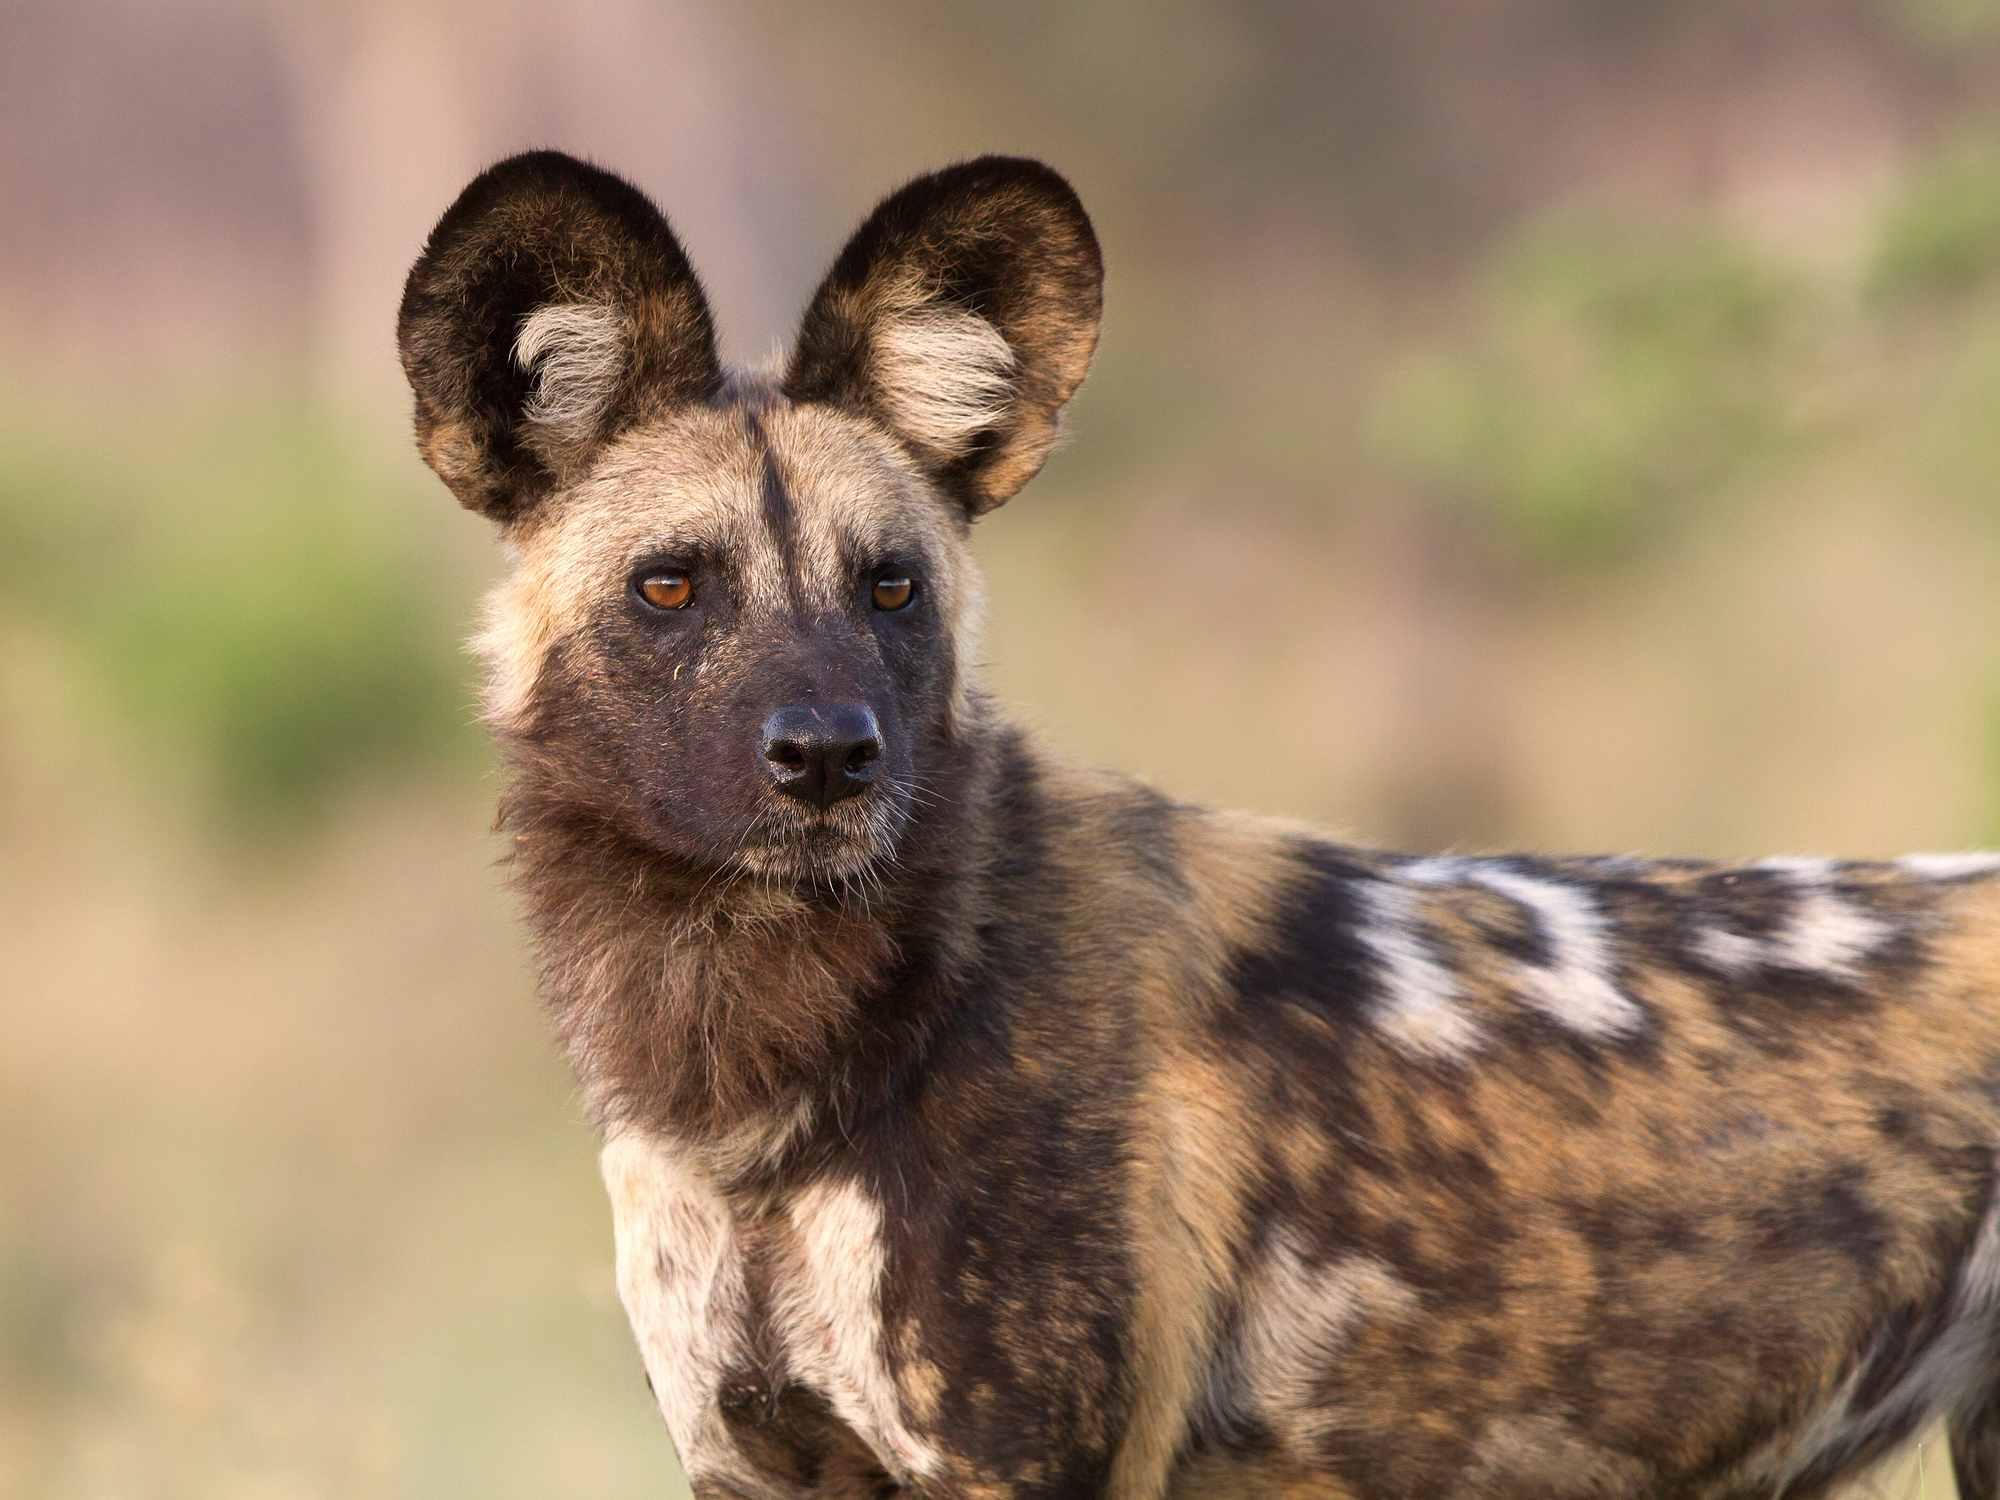 Retrato de un perro salvaje africano